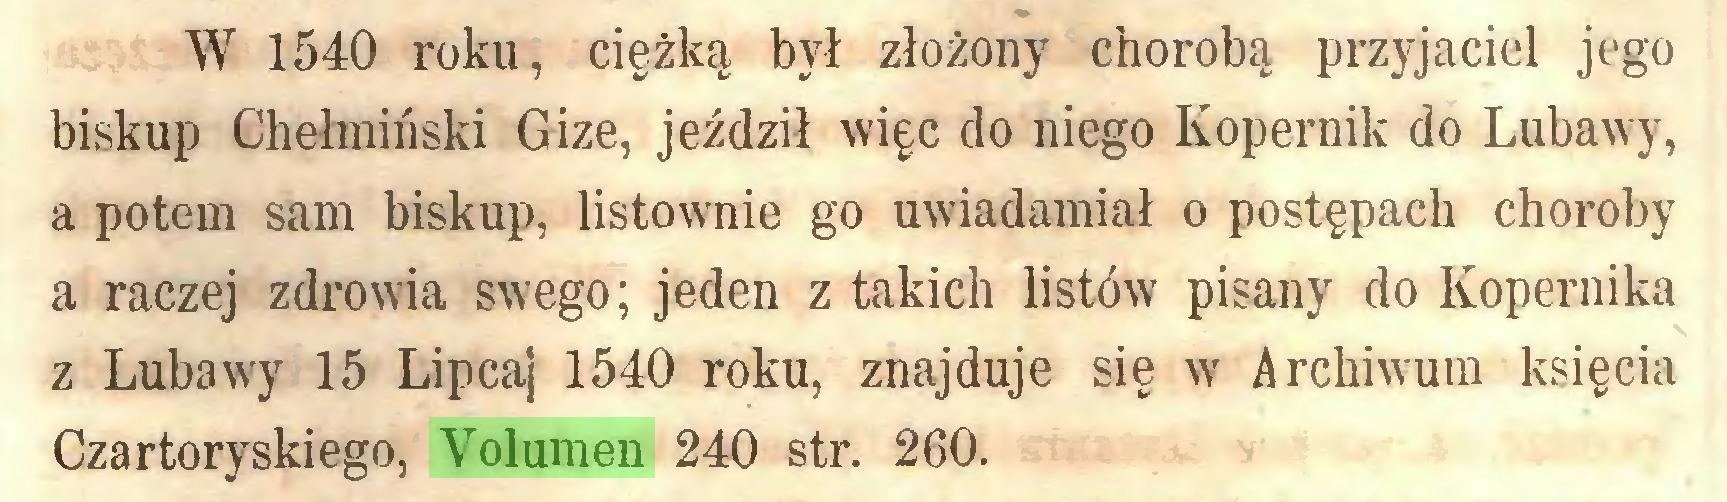 (...) W 1540 roku, ciężką był złożony chorobą przyjaciel jego biskup Chełmiński Gize, jeździł więc do niego Kopernik do Lubawy, a potem sam biskup, listownie go uwiadamiał o postępach choroby a raczej zdrowia swego; jeden z takich listów pisany do Kopernika z Lubawy 15 Lipcaj 1540 roku, znajduje się w Archiwum księcia Czartoryskiego, Volumen 240 str. 260...